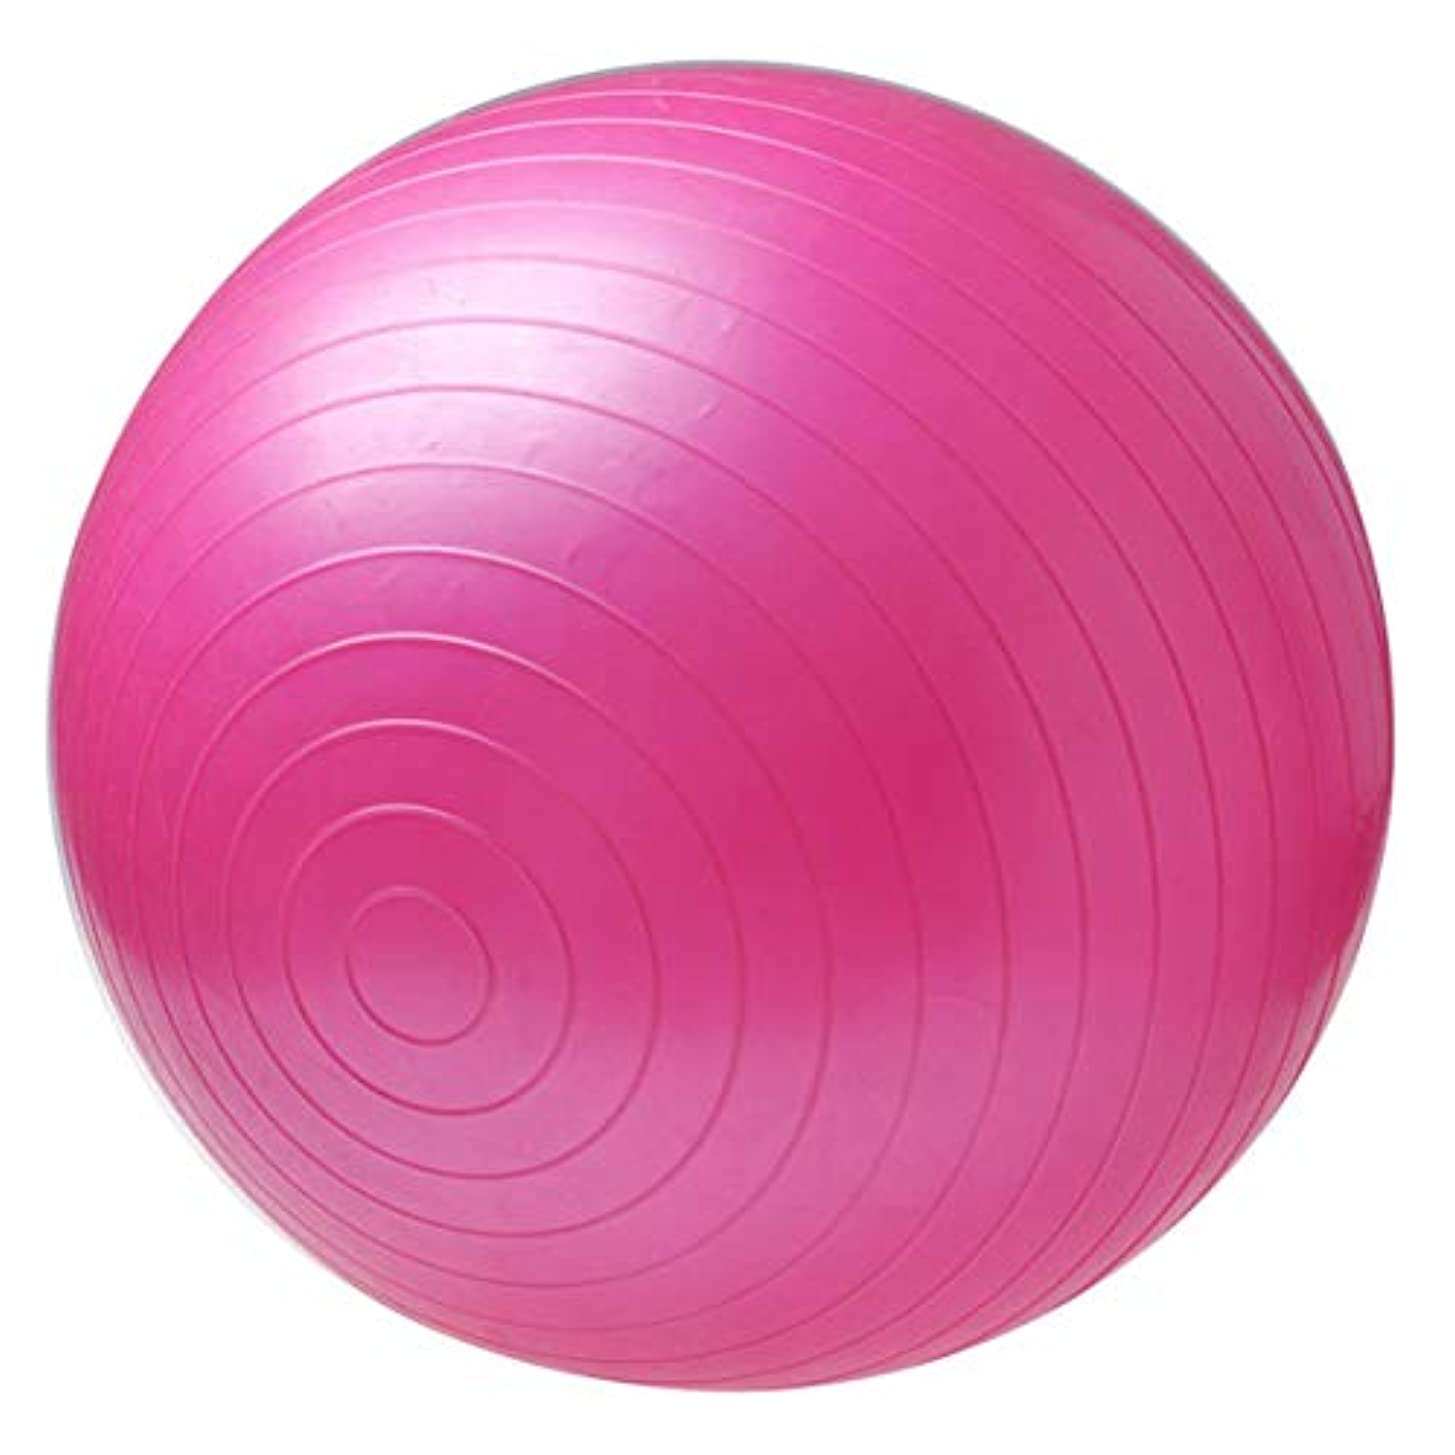 天のケニア硬さ非毒性スポーツヨガボールボラピラティスフィットネスジムバランスフィットボールエクササイズピラティスワークアウトマッサージボール - ピンク75センチ